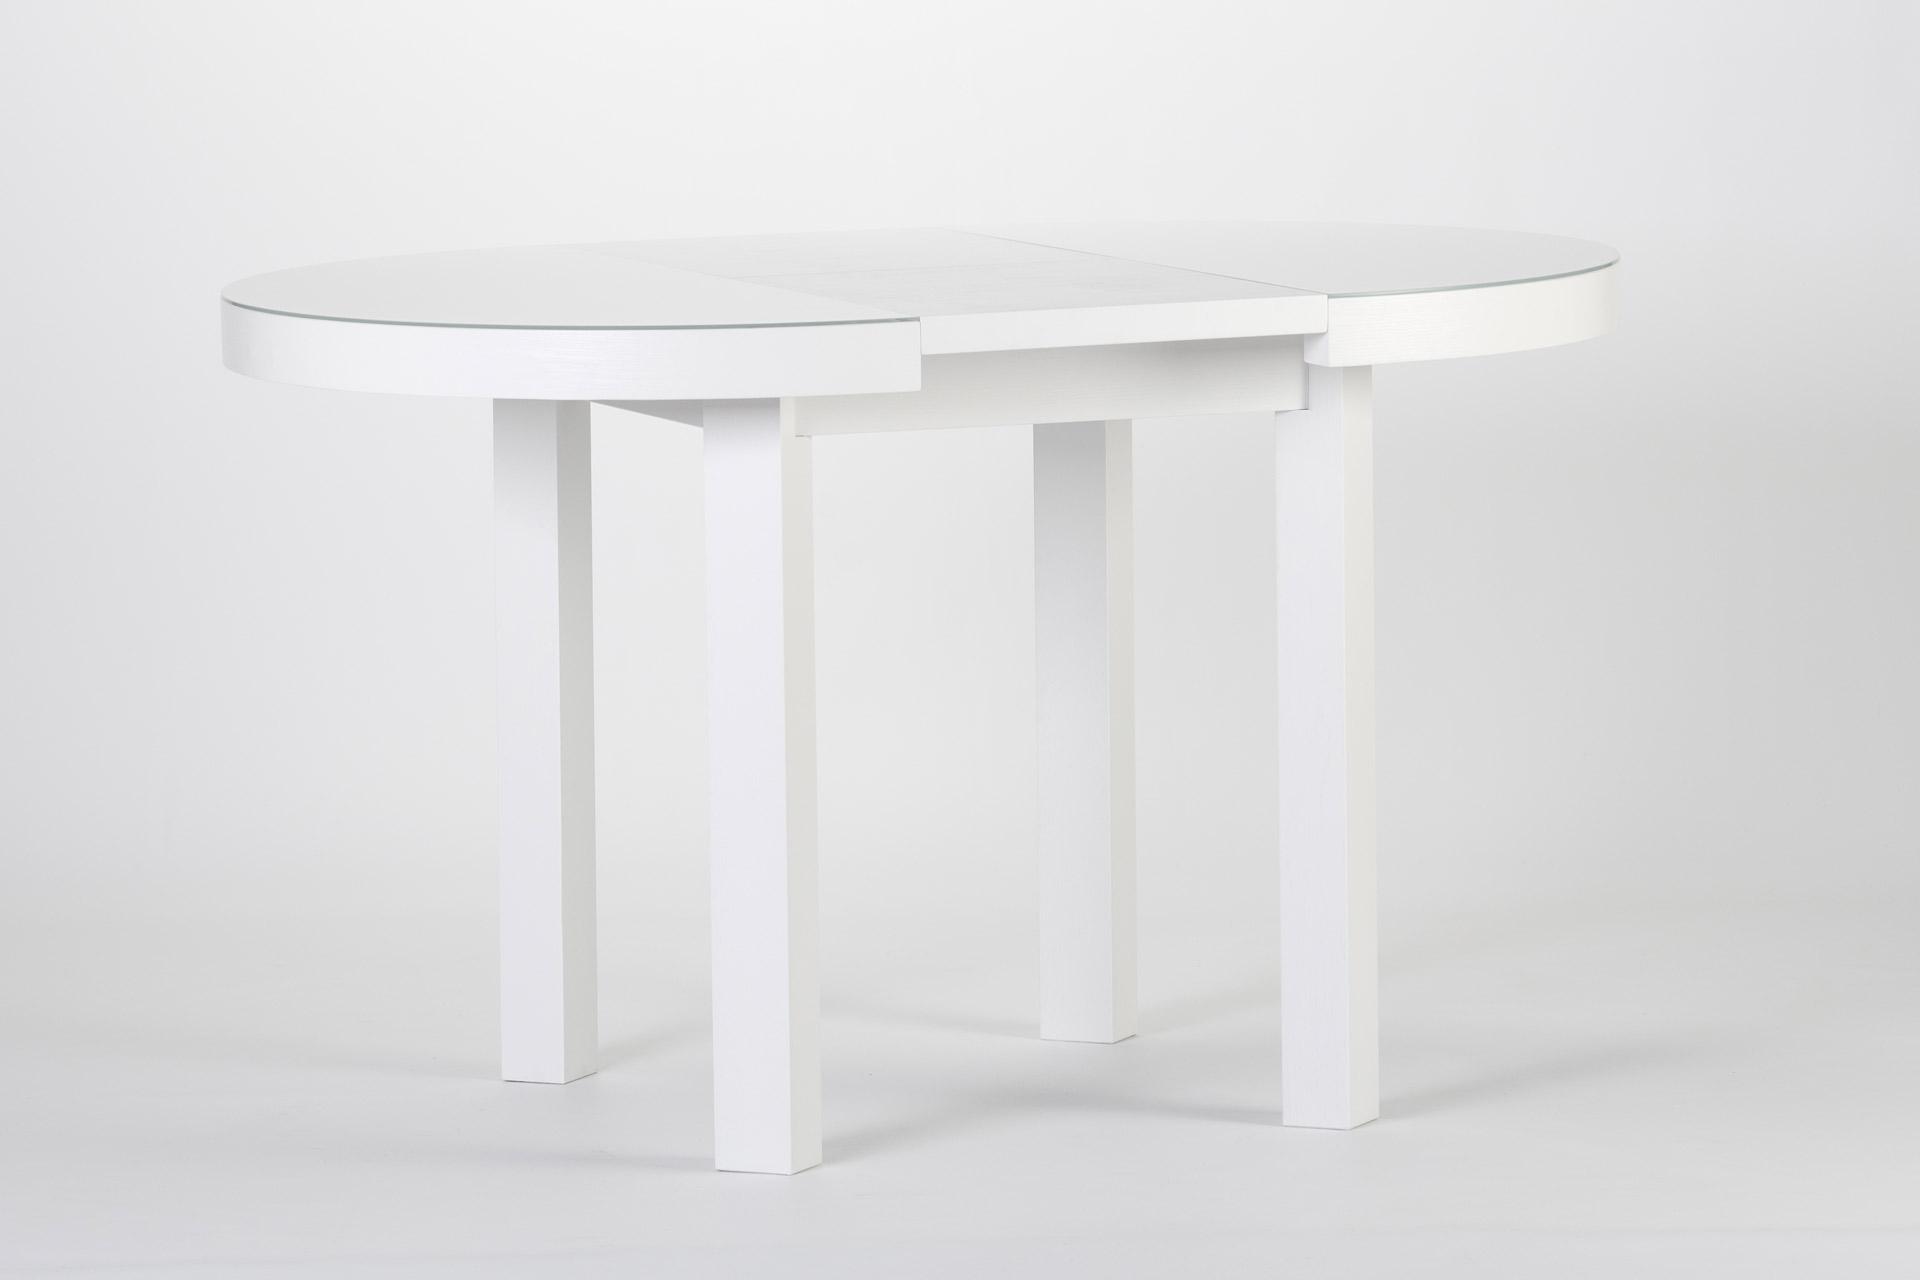 Круглый кухонный стол белого цвета, со стеклянным покрытием столешницы, квадратными ножками, раскладной